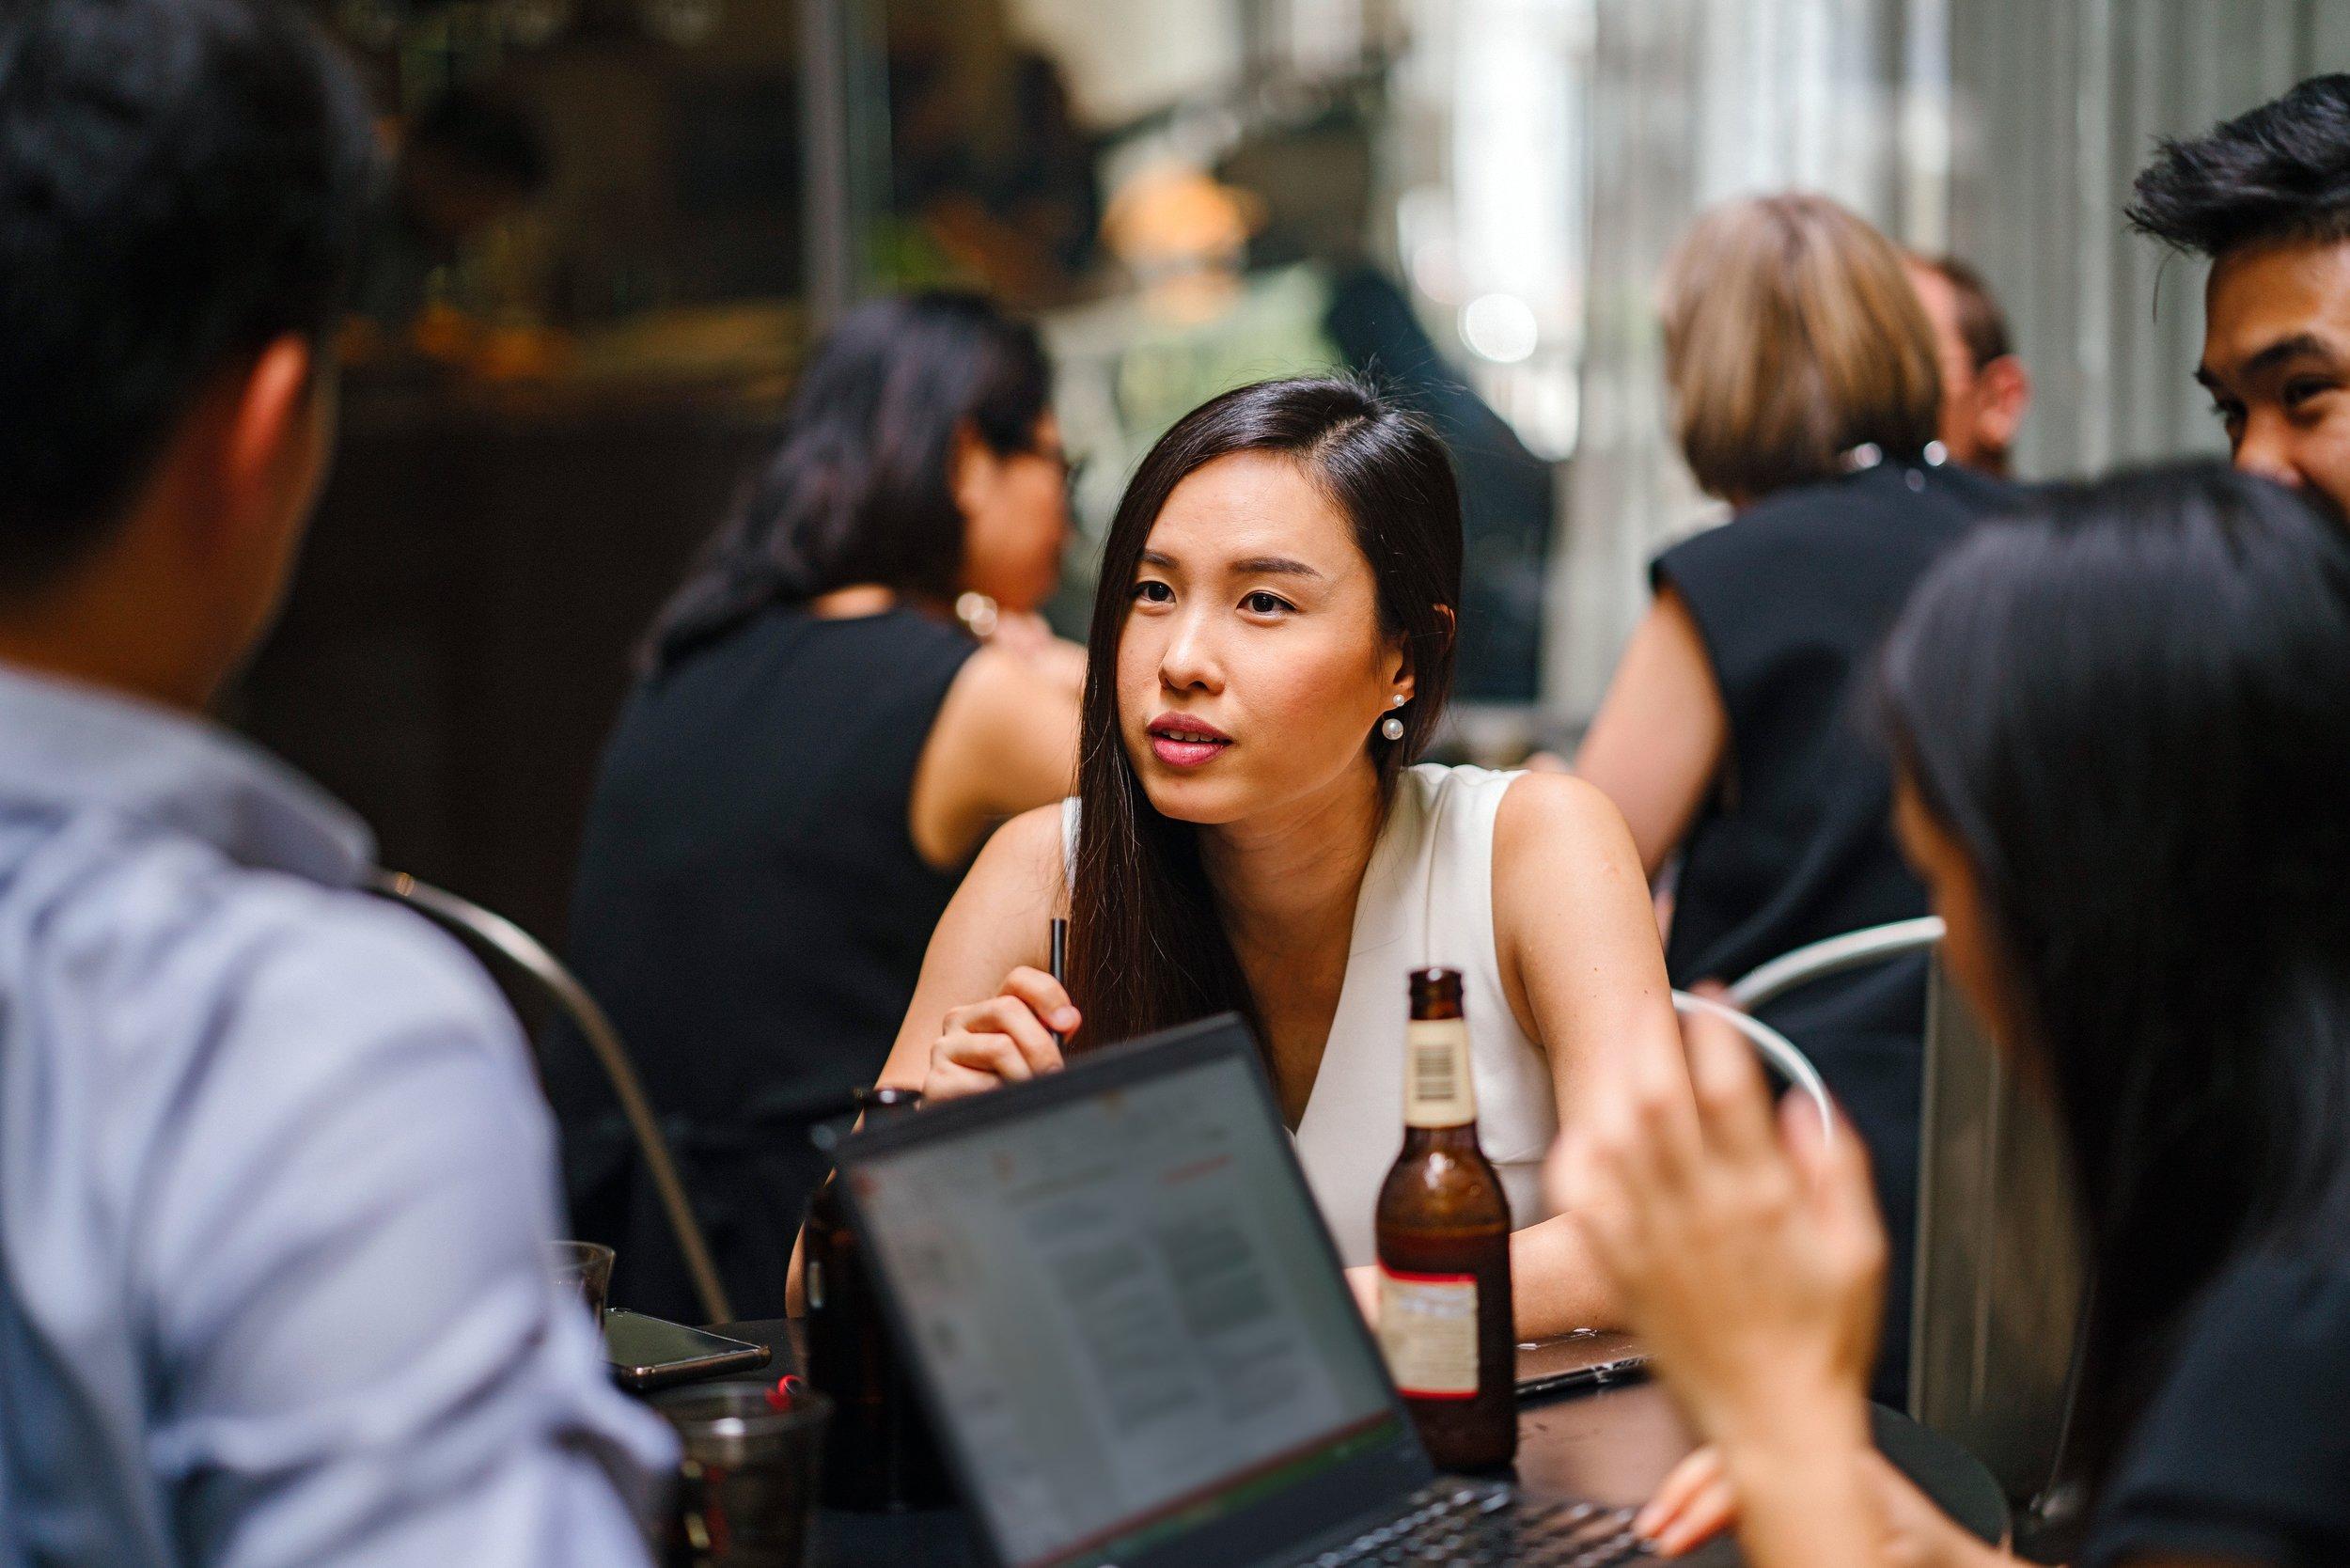 bar-beer-colleagues-1125036.jpg